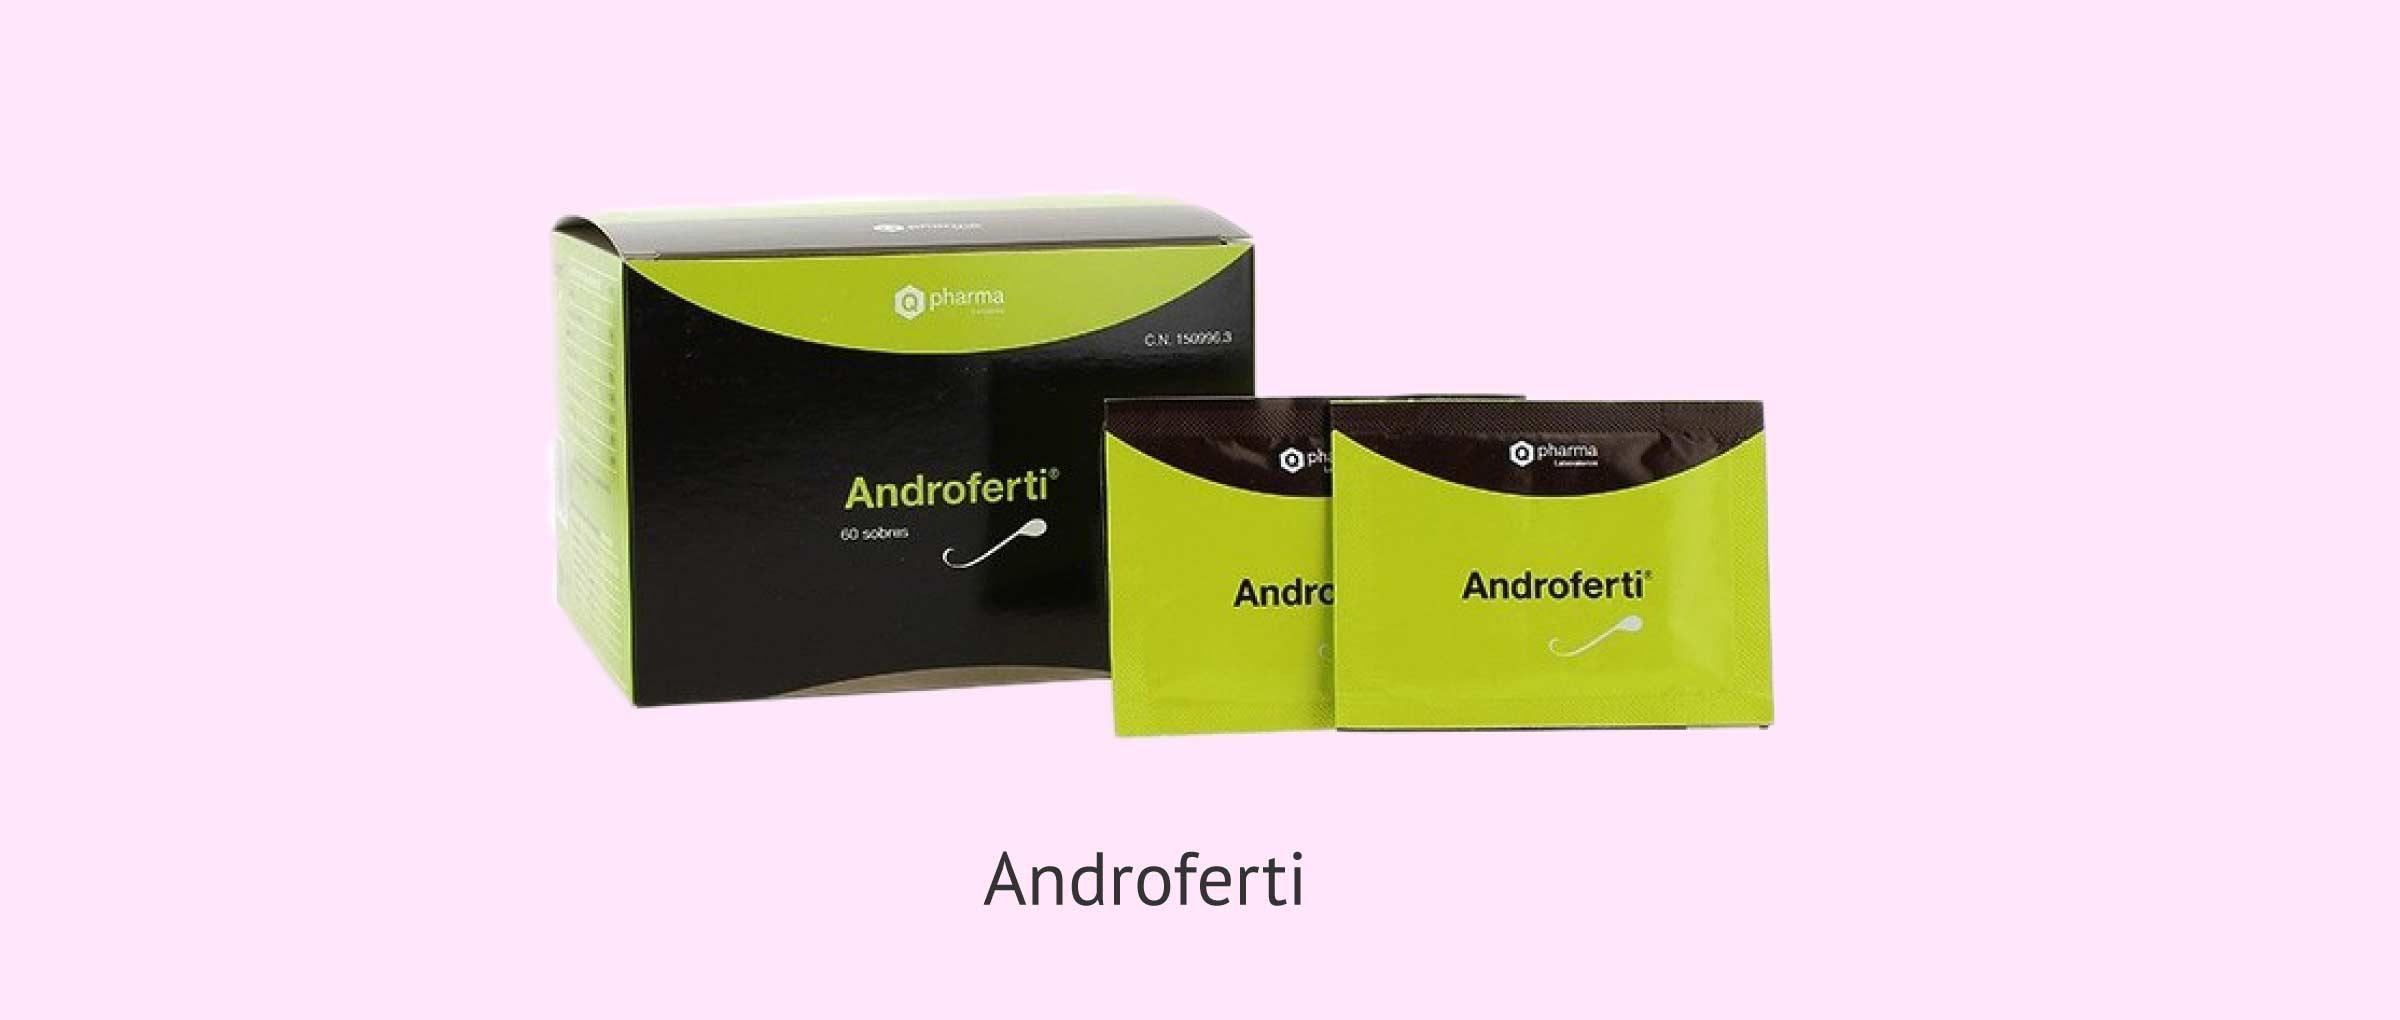 Androferti, ein antioxidatives Nahrungsergänzungsmittel für Männer